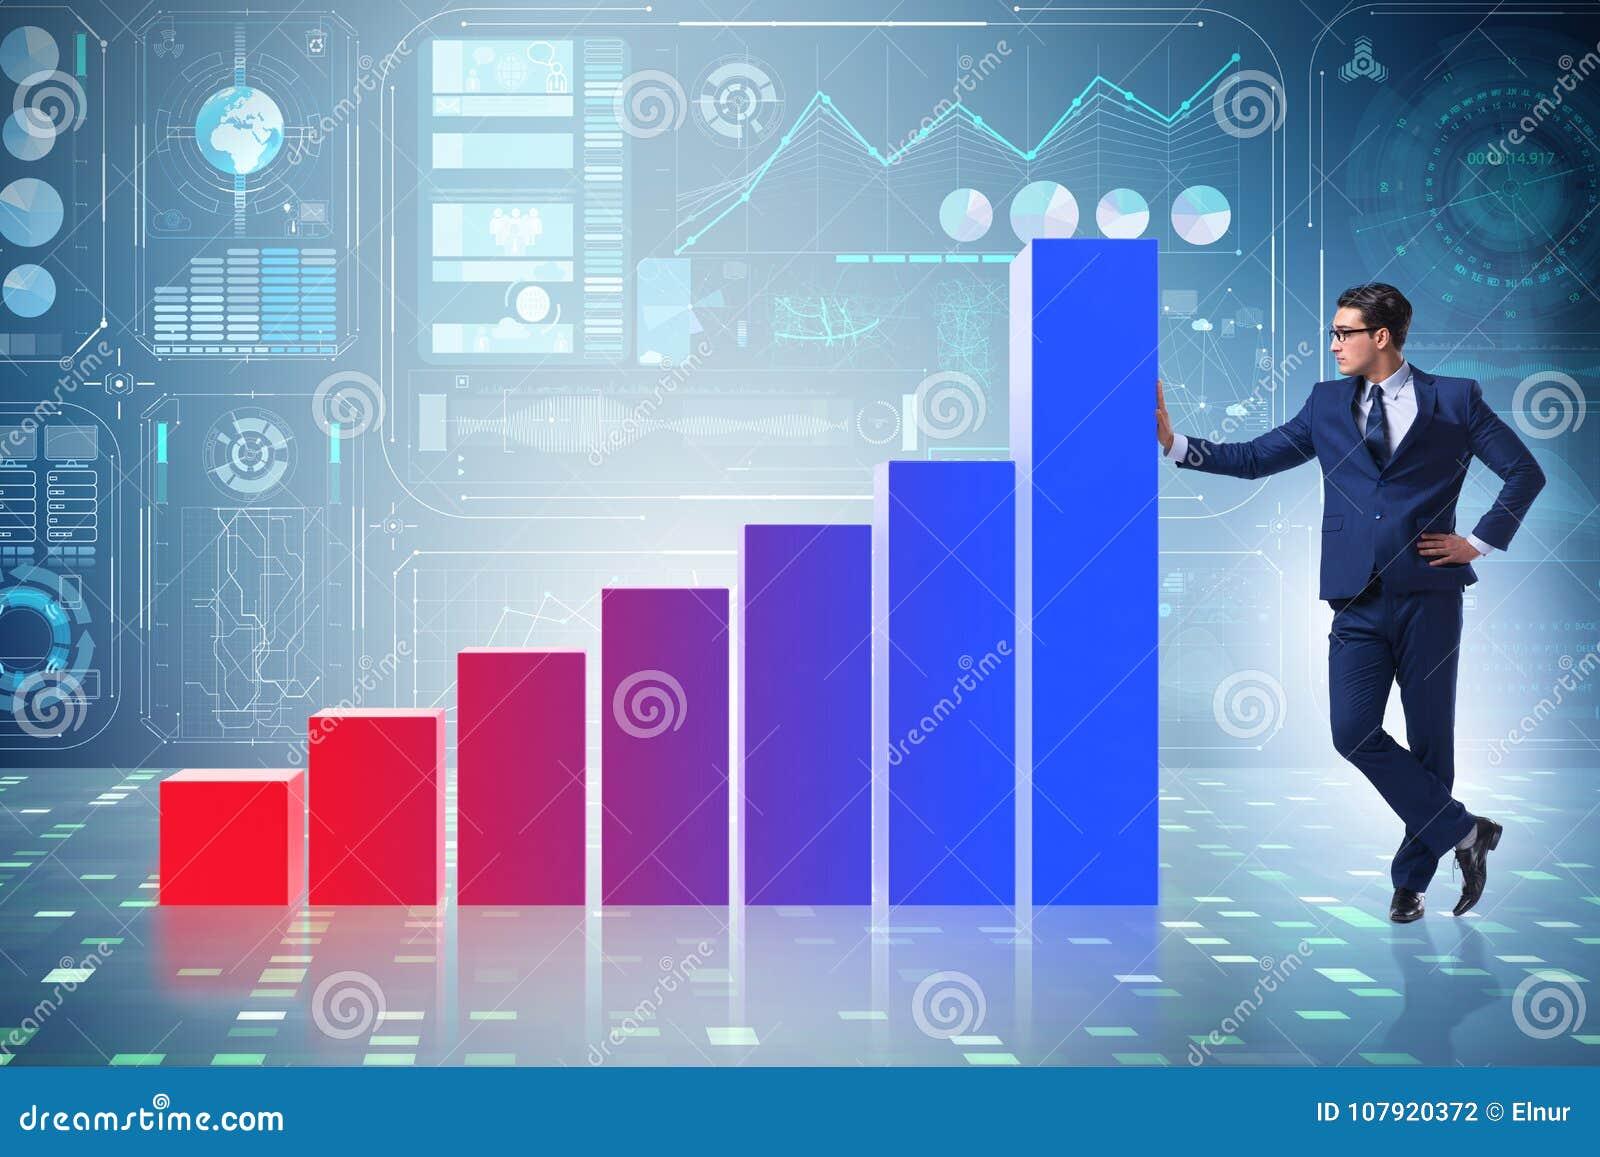 Бизнесмен стоя рядом с диаграммой в виде вертикальных полос в концепции дела